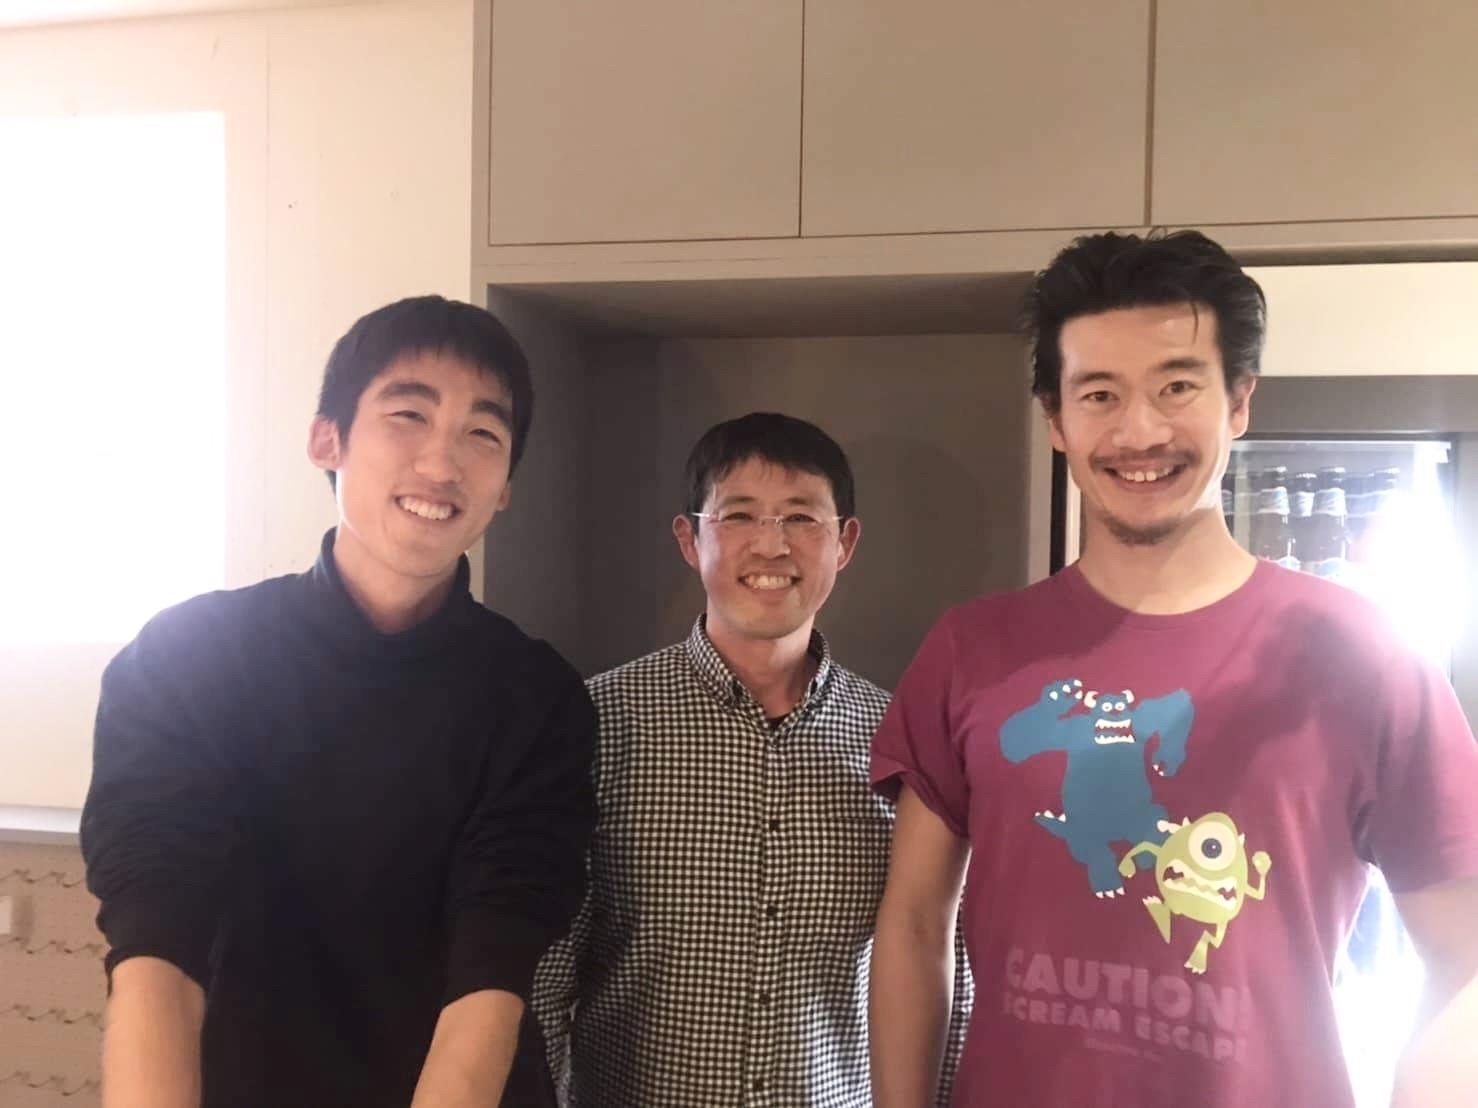 ビーチラグビーのトップ選手、鈴木貫太郎選手(左)と